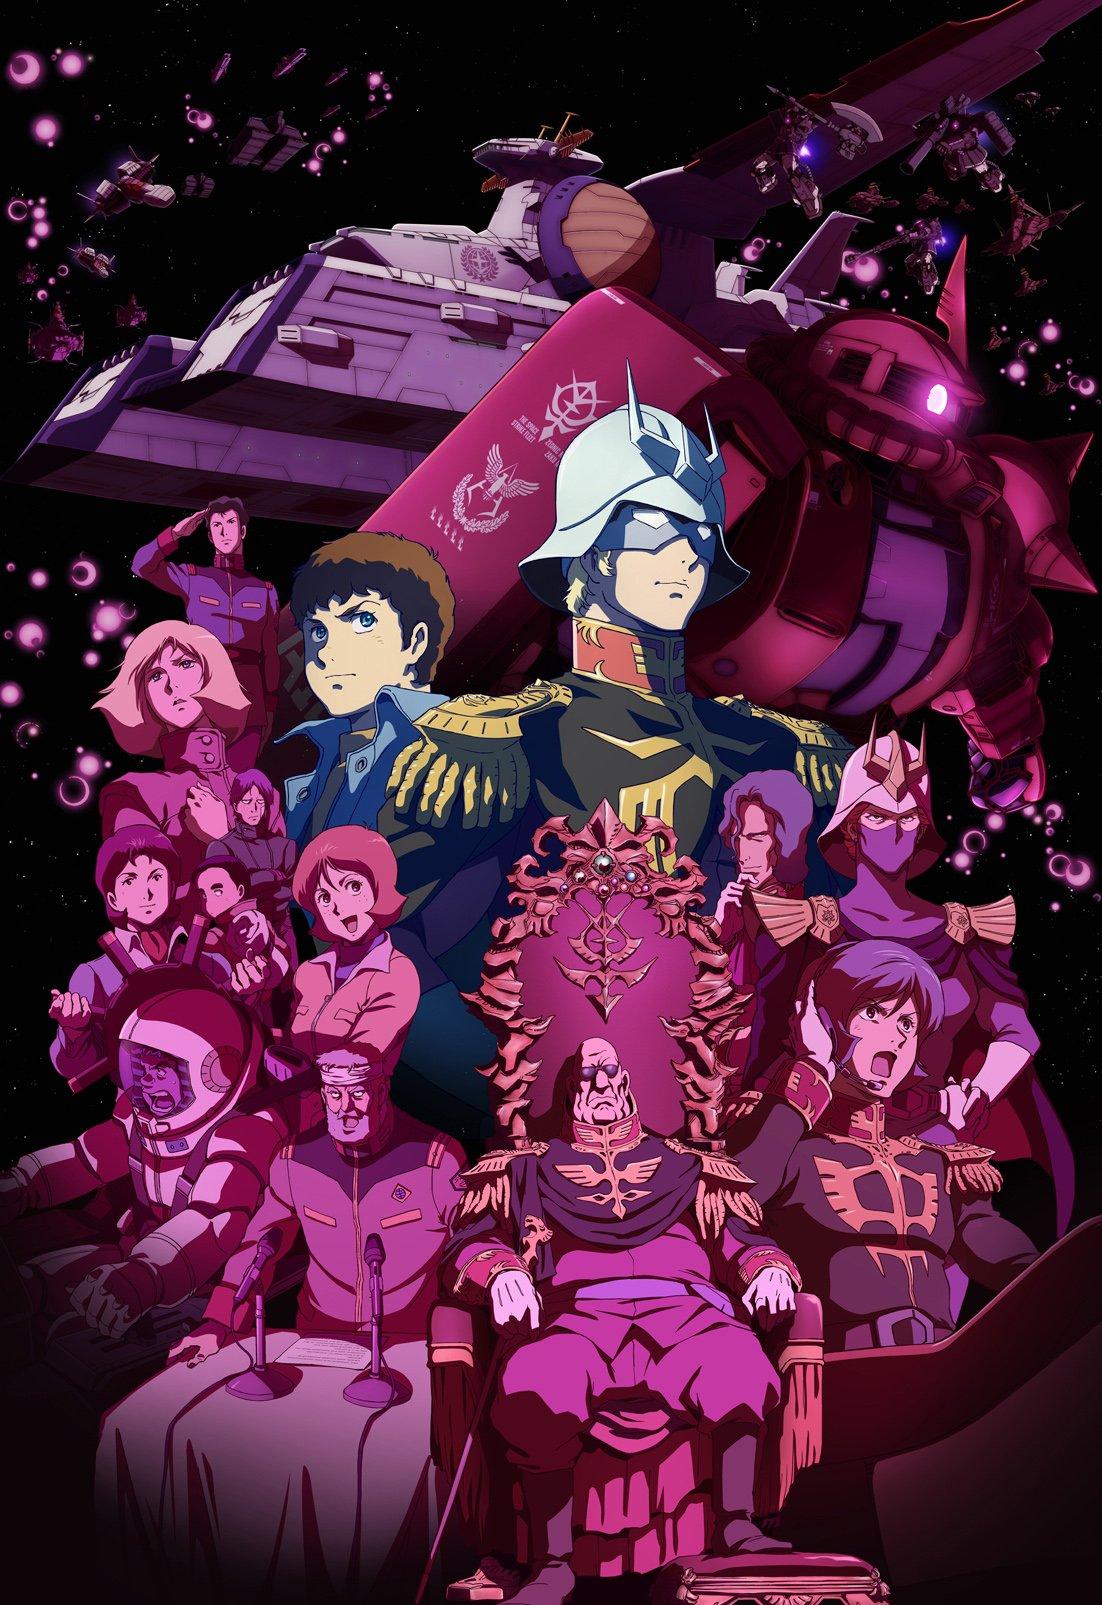 Risultati immagini per 機動 戦士 ガンダム the origin 誕生 赤い 彗星